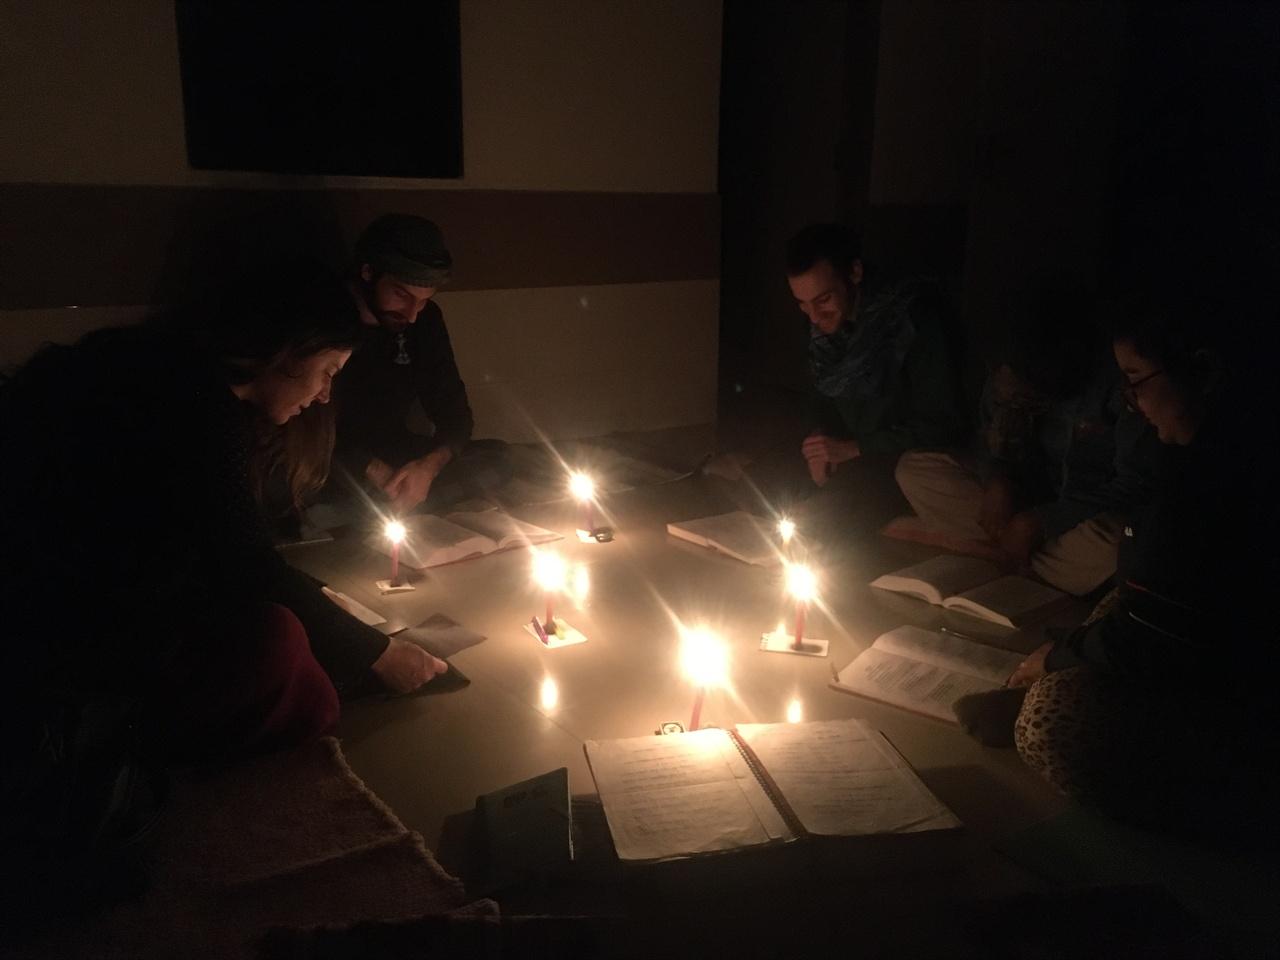 촛불 불빛 아래 진행된 그룹 스터디 정전으로 인해 그룹 스터디를 진행하기 어려운 상황에 처했지만, 촛불을 켜 놓고 무사히 그날의 그룹 스터디를 끝마칠 수 있었다.